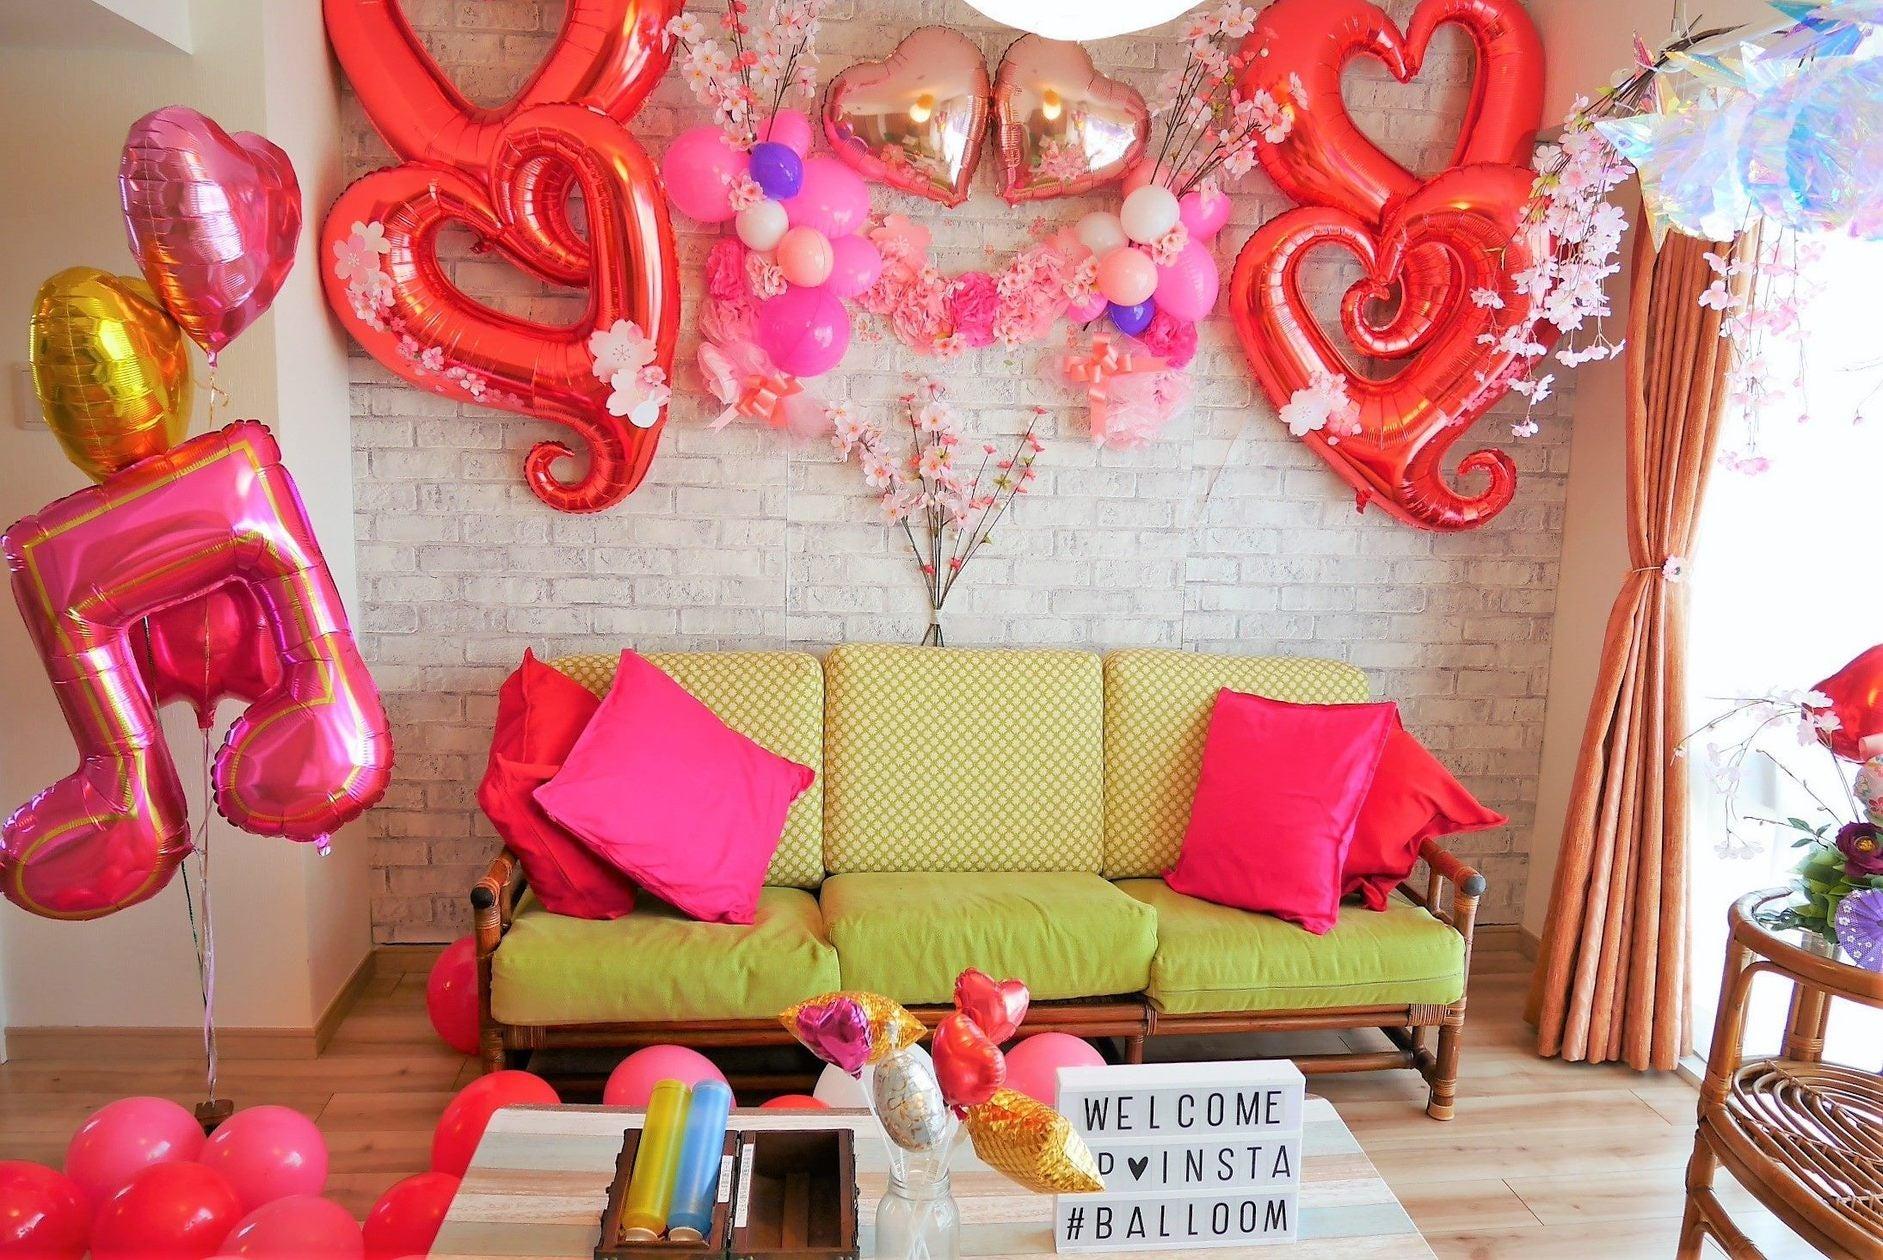 【関内駅徒歩3分】風船でデコレーションされたスペース♪現在お花見バージョン♪インドア花見♪パーティーにオススメ♪キッチン付 の写真